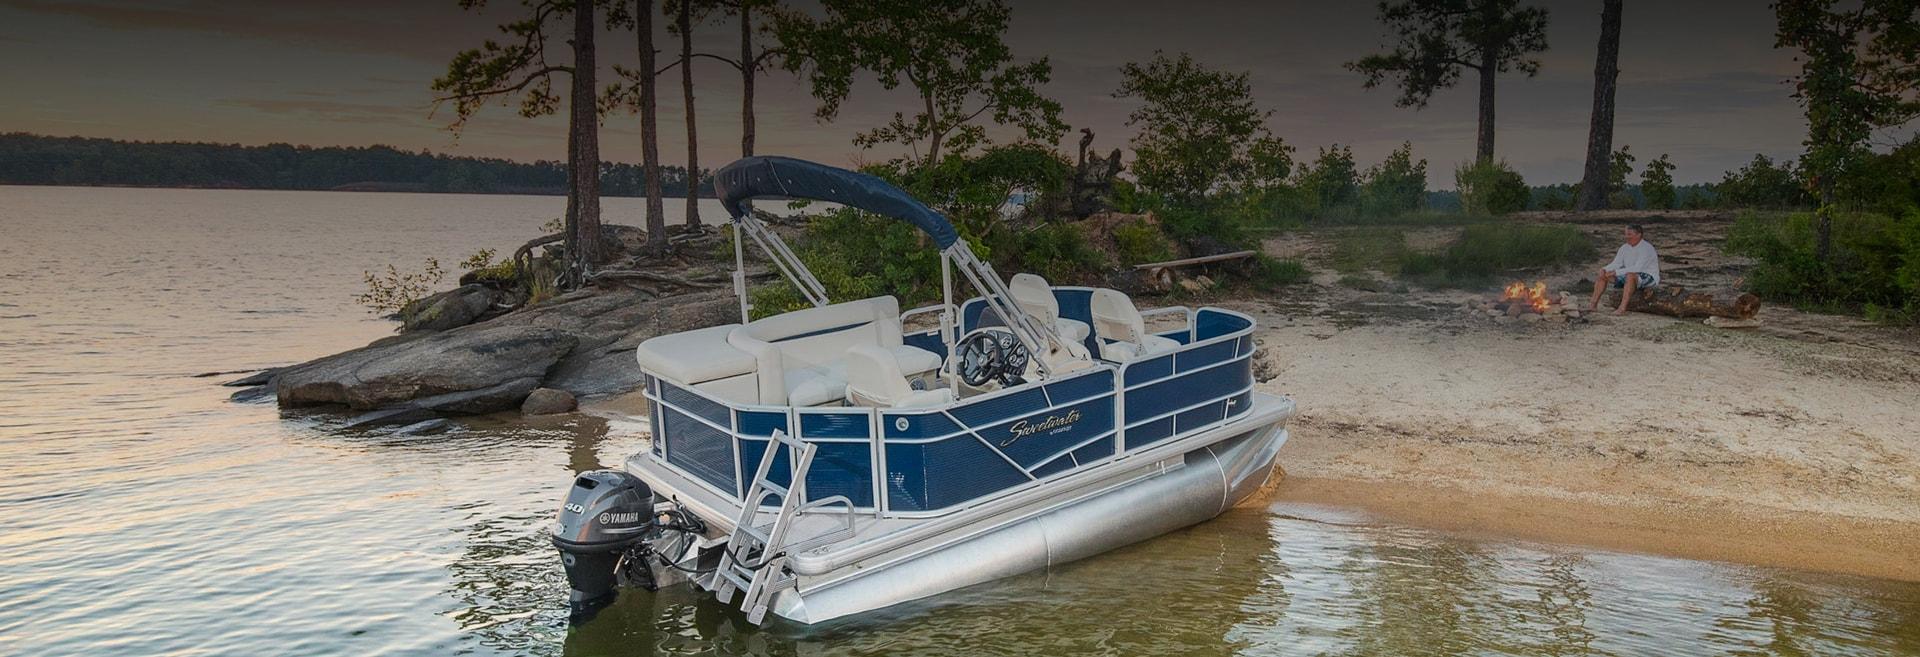 sidewinder boat